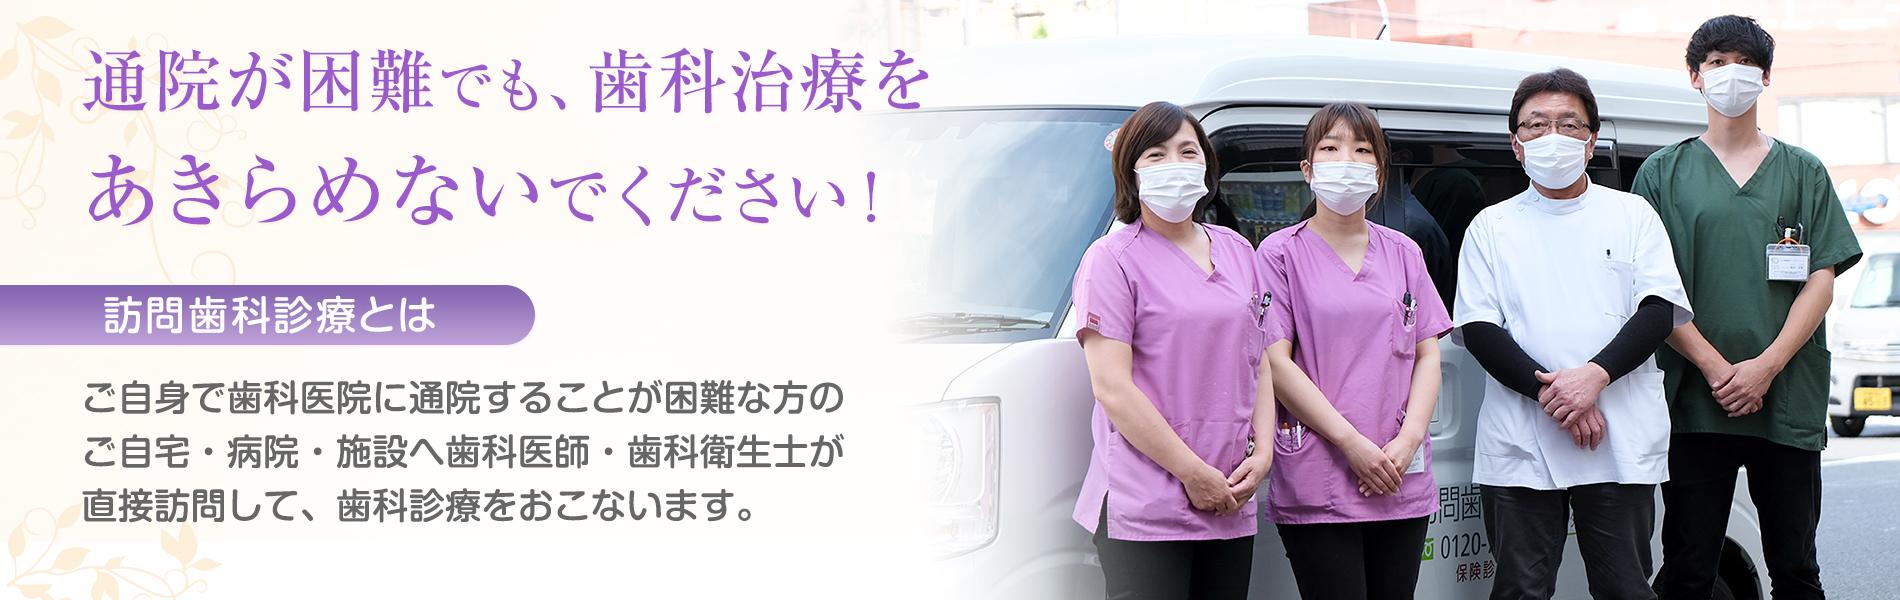 通院が困難でも、歯科治療をあきらめないでください!